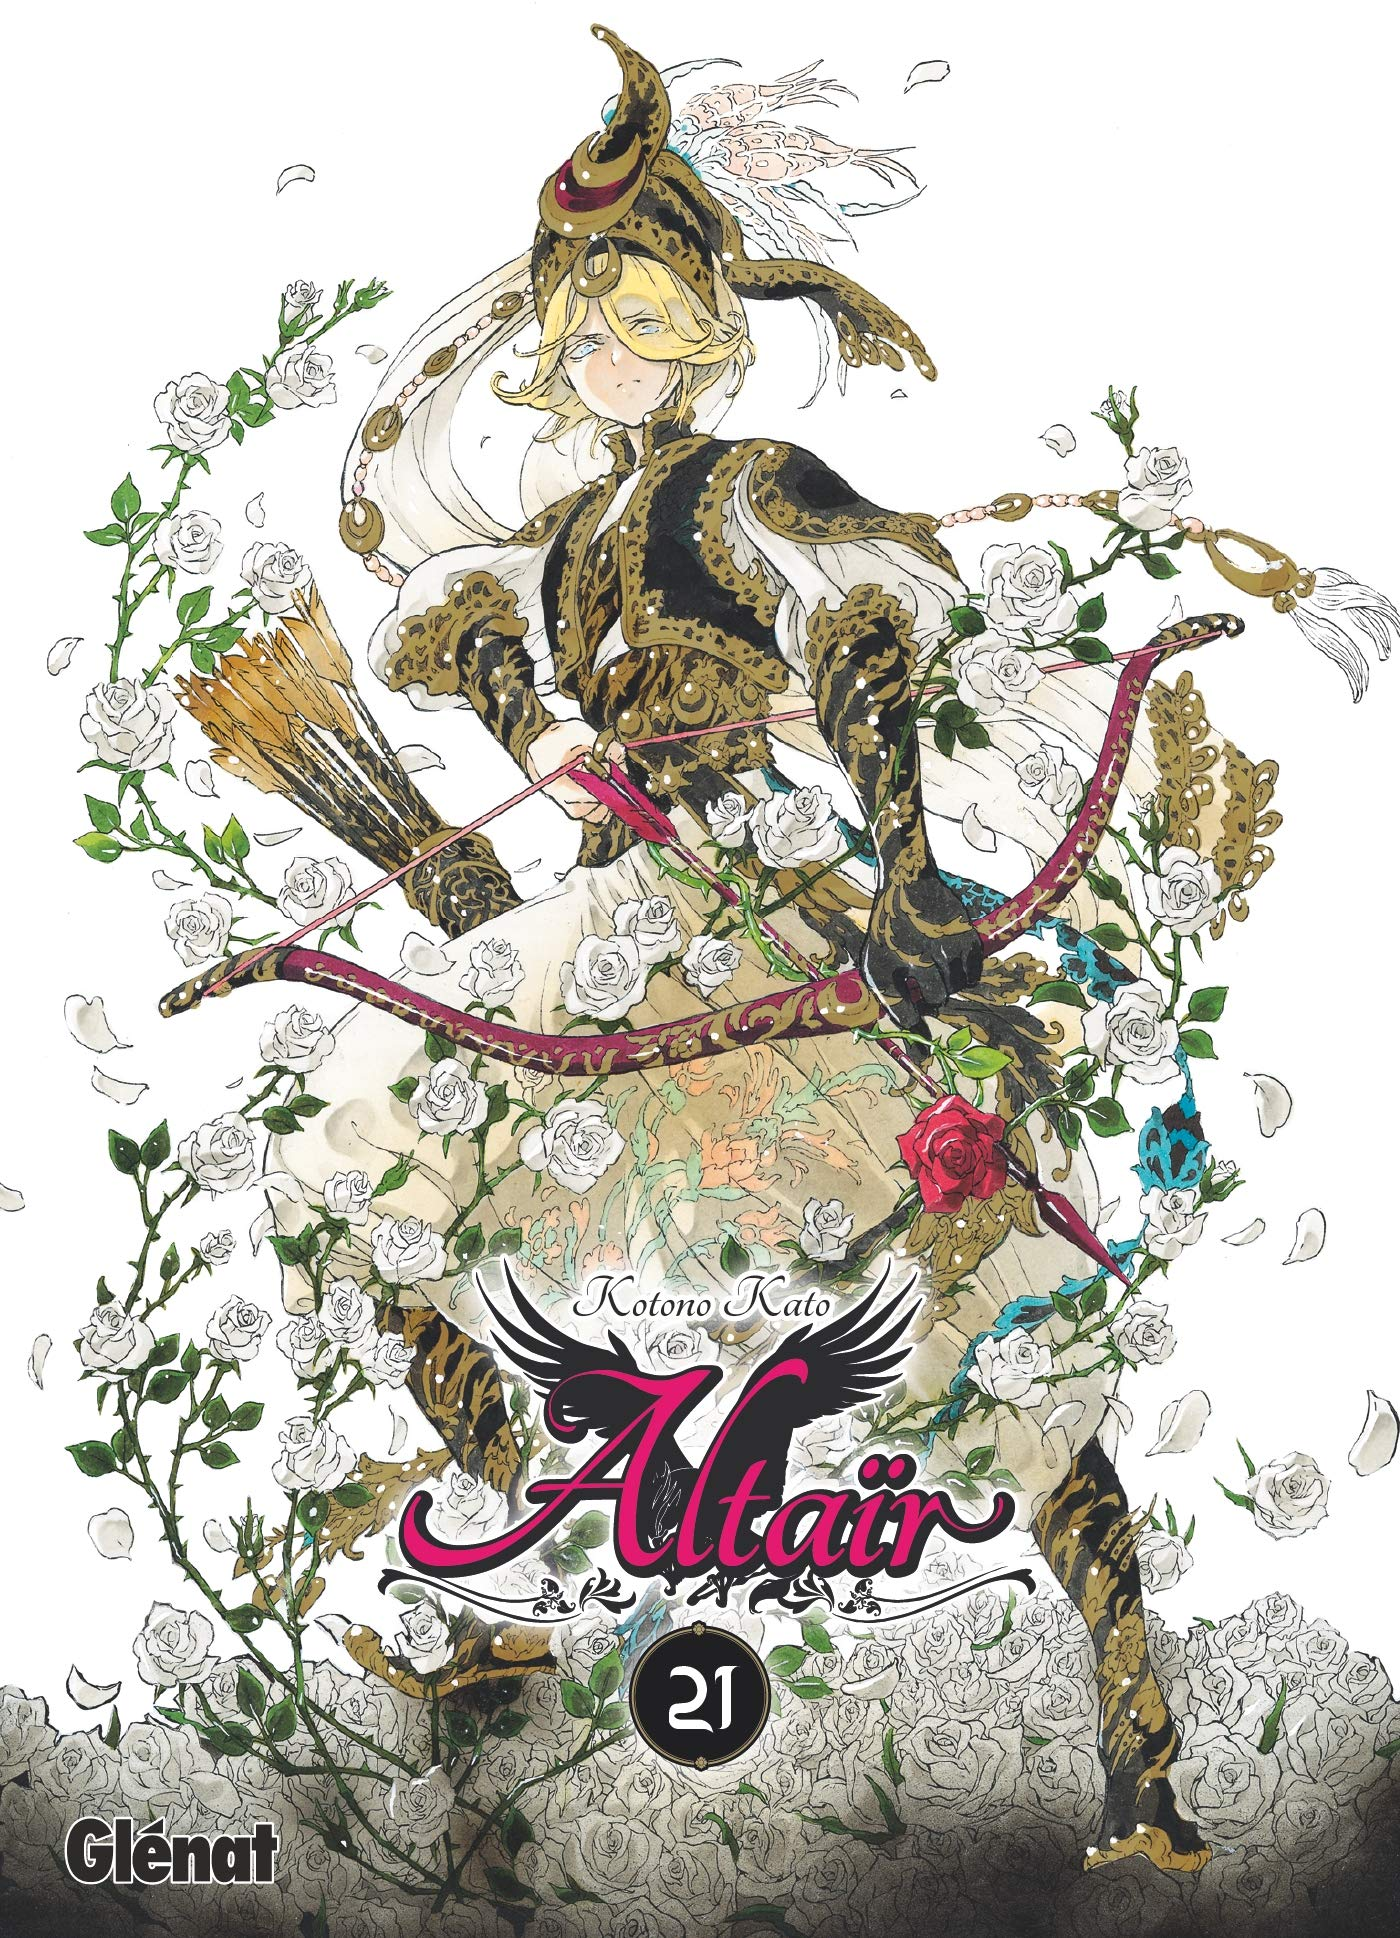 Altaïr 21